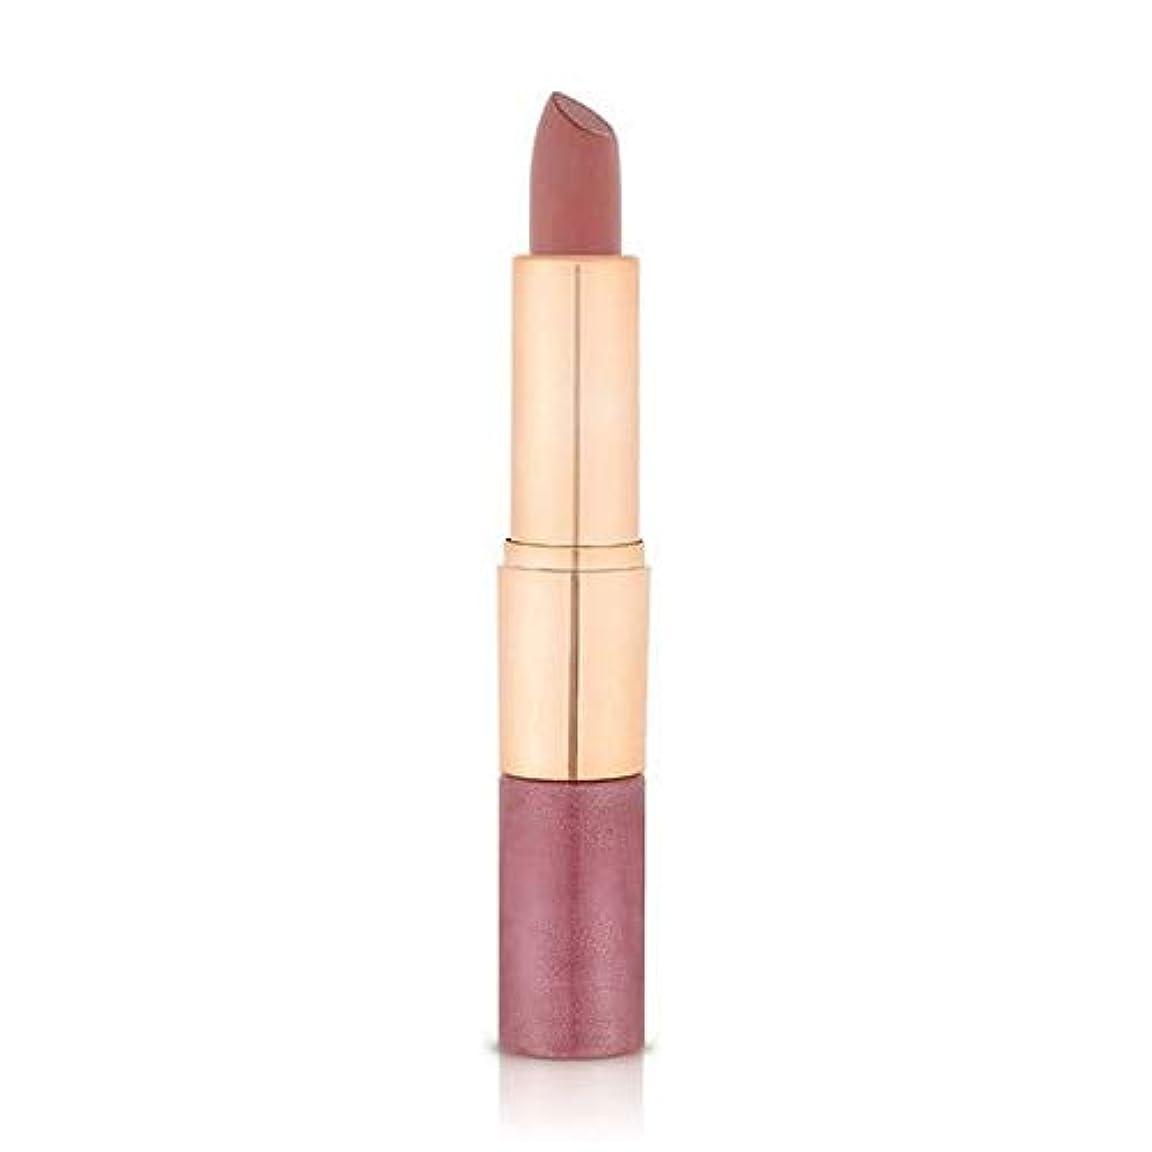 意味のあるケーキフットボール[Flower Beauty ] 花の美しさのミックスN」はマットリップスティックデュオピンクくすぐら687 - Flower Beauty Mix N' Matte Lipstick Duo Tickled Pink...